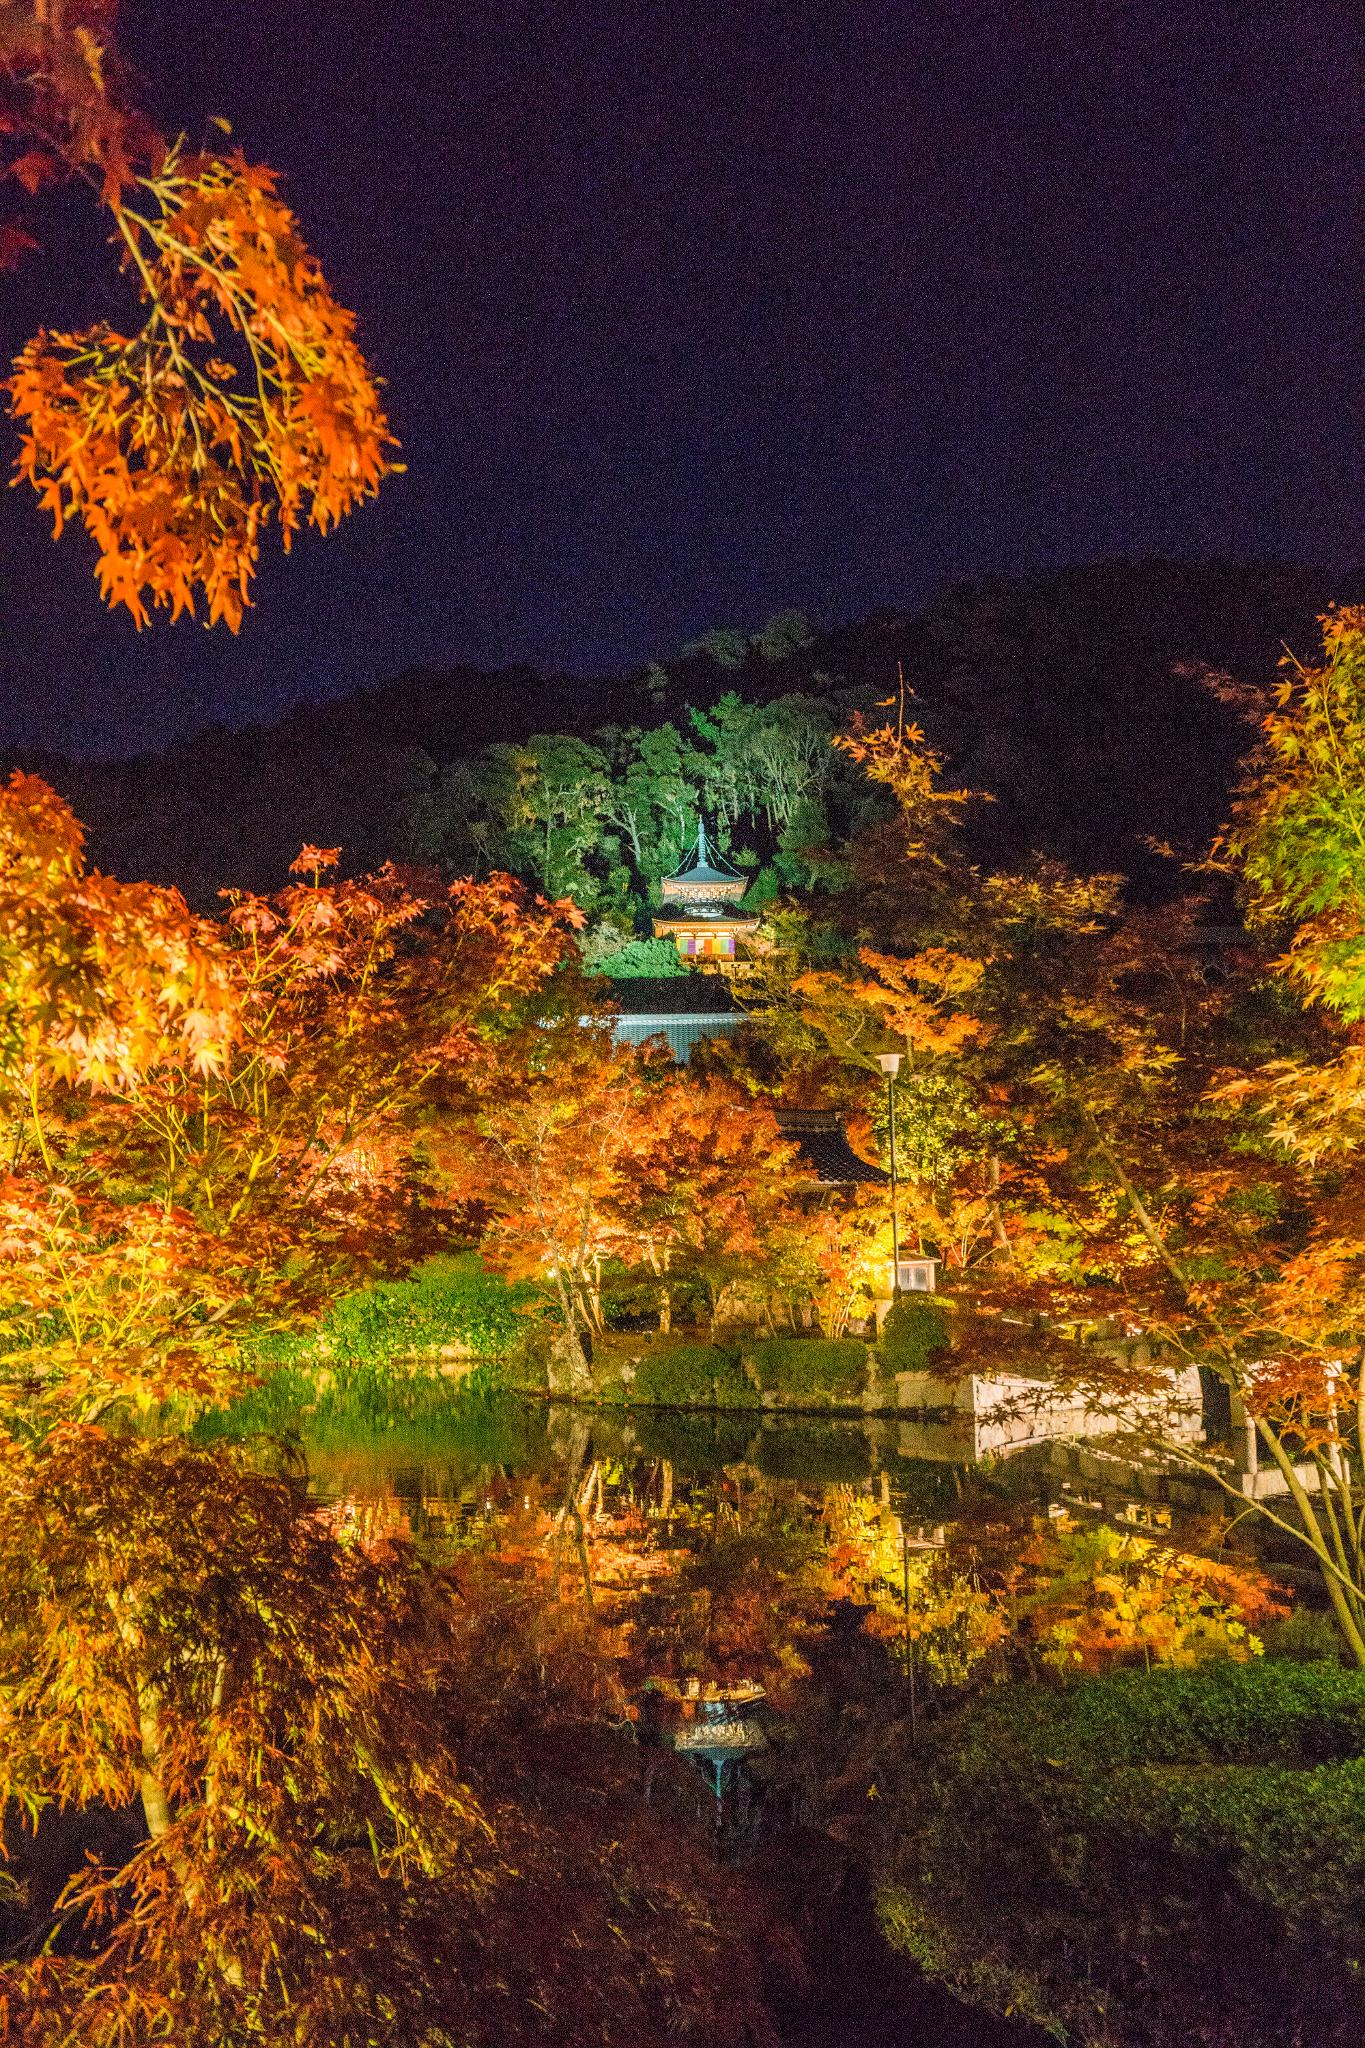 【京都】此生必來的紅葉狩絕景 - 永觀堂夜楓 97